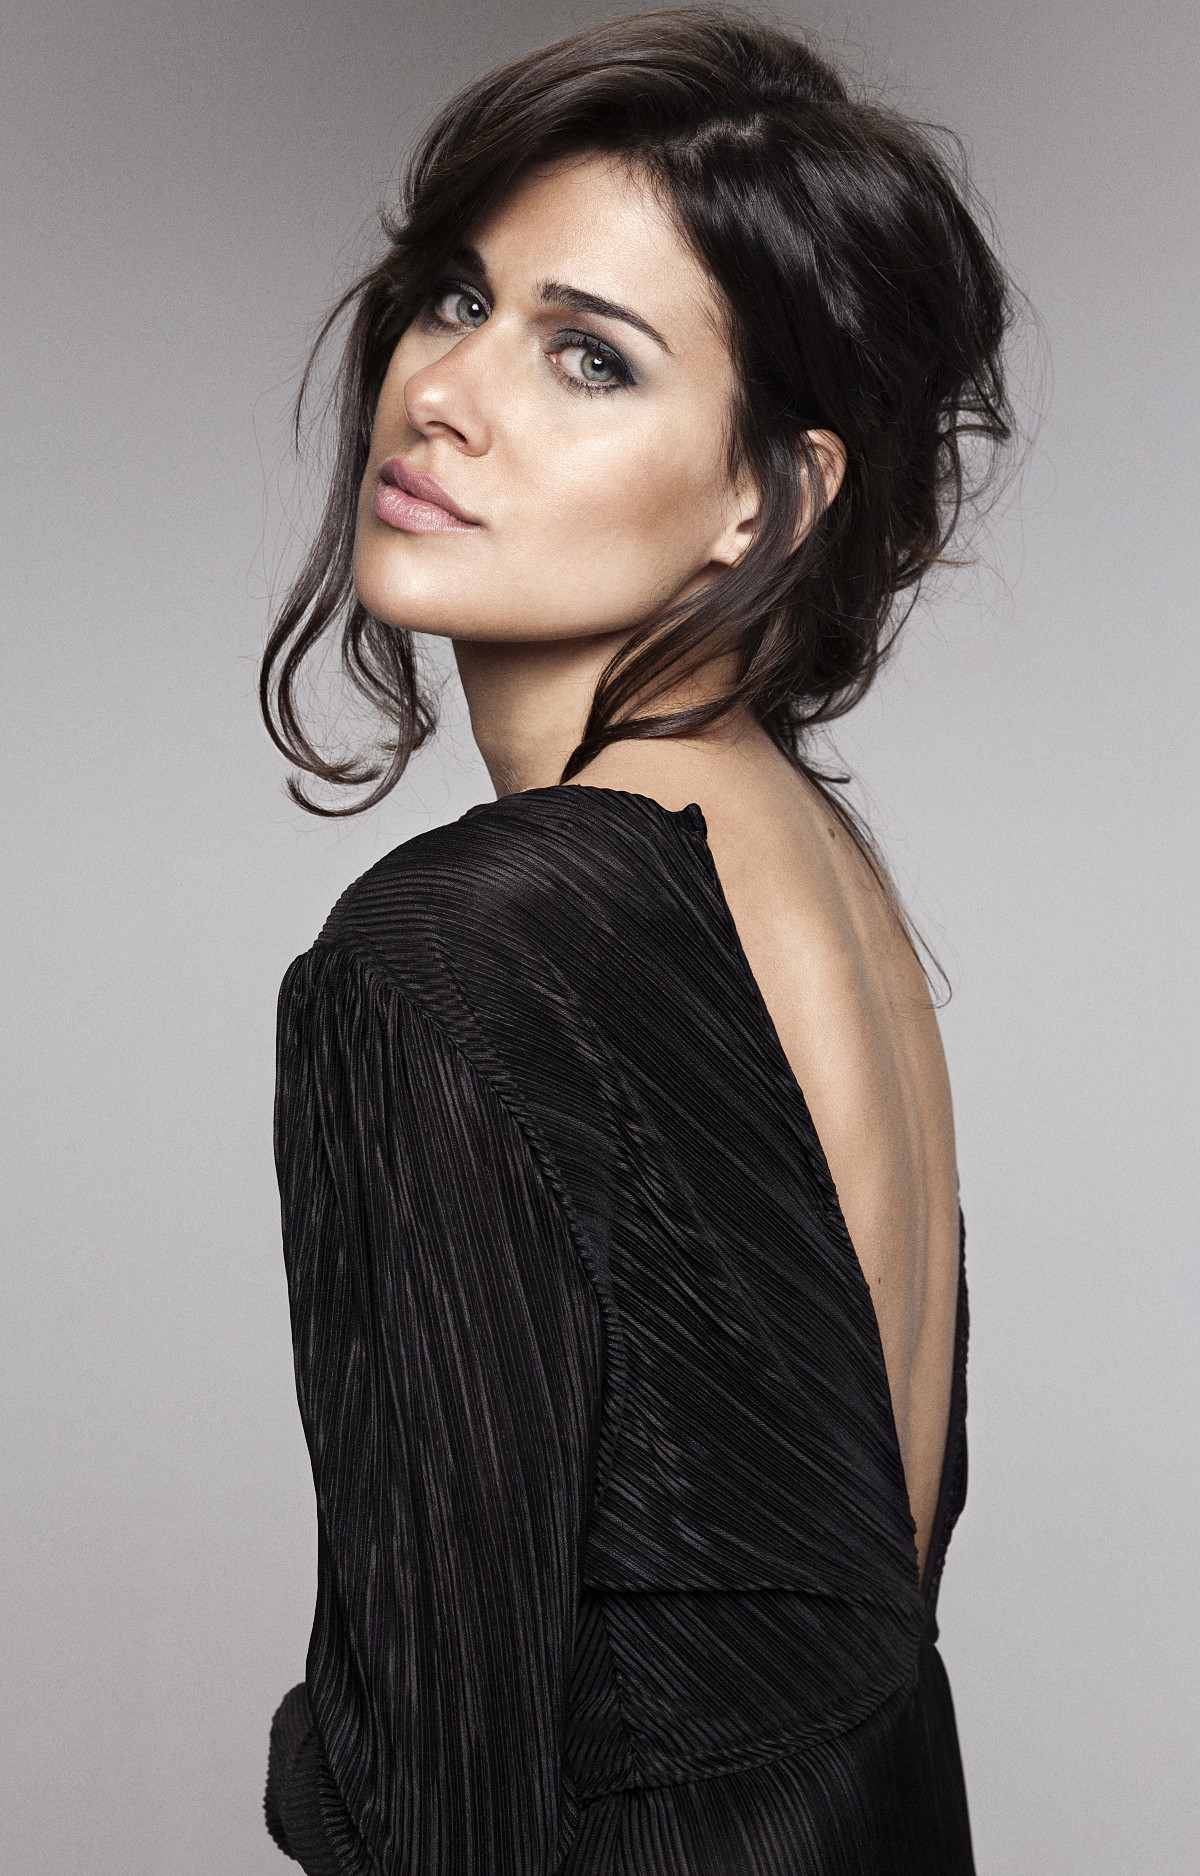 Iris Lezcano Actriz Modelo (2)